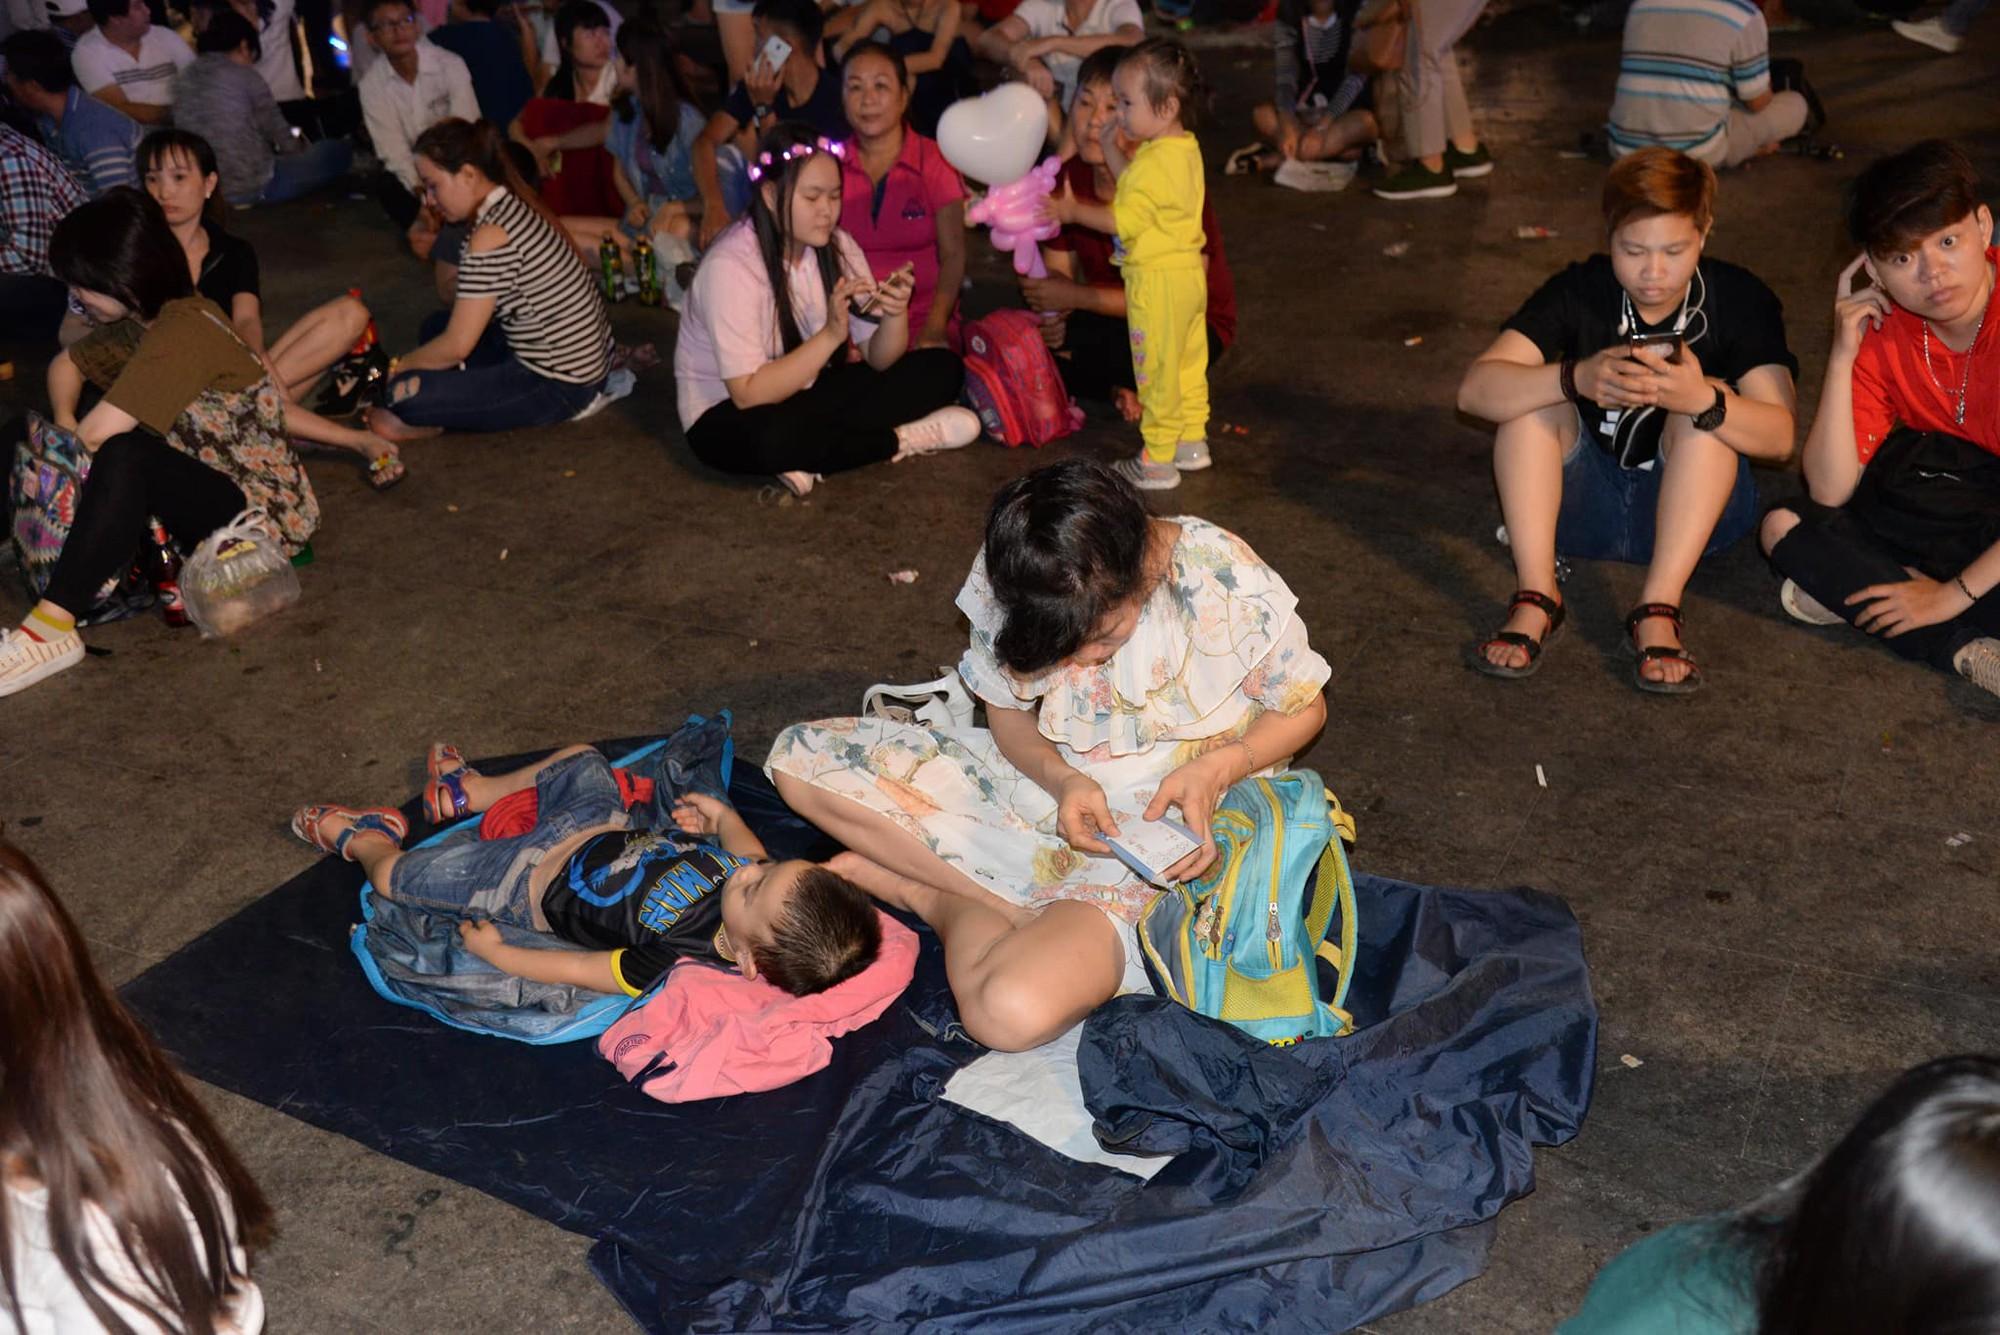 Hình ảnh nhìn thôi đã mệt: Thanh niên say bét nhè nằm lăn ra giữa phố đi bộ, trẻ con đi theo bố mẹ vạ vật chờ giao thừa - Ảnh 5.